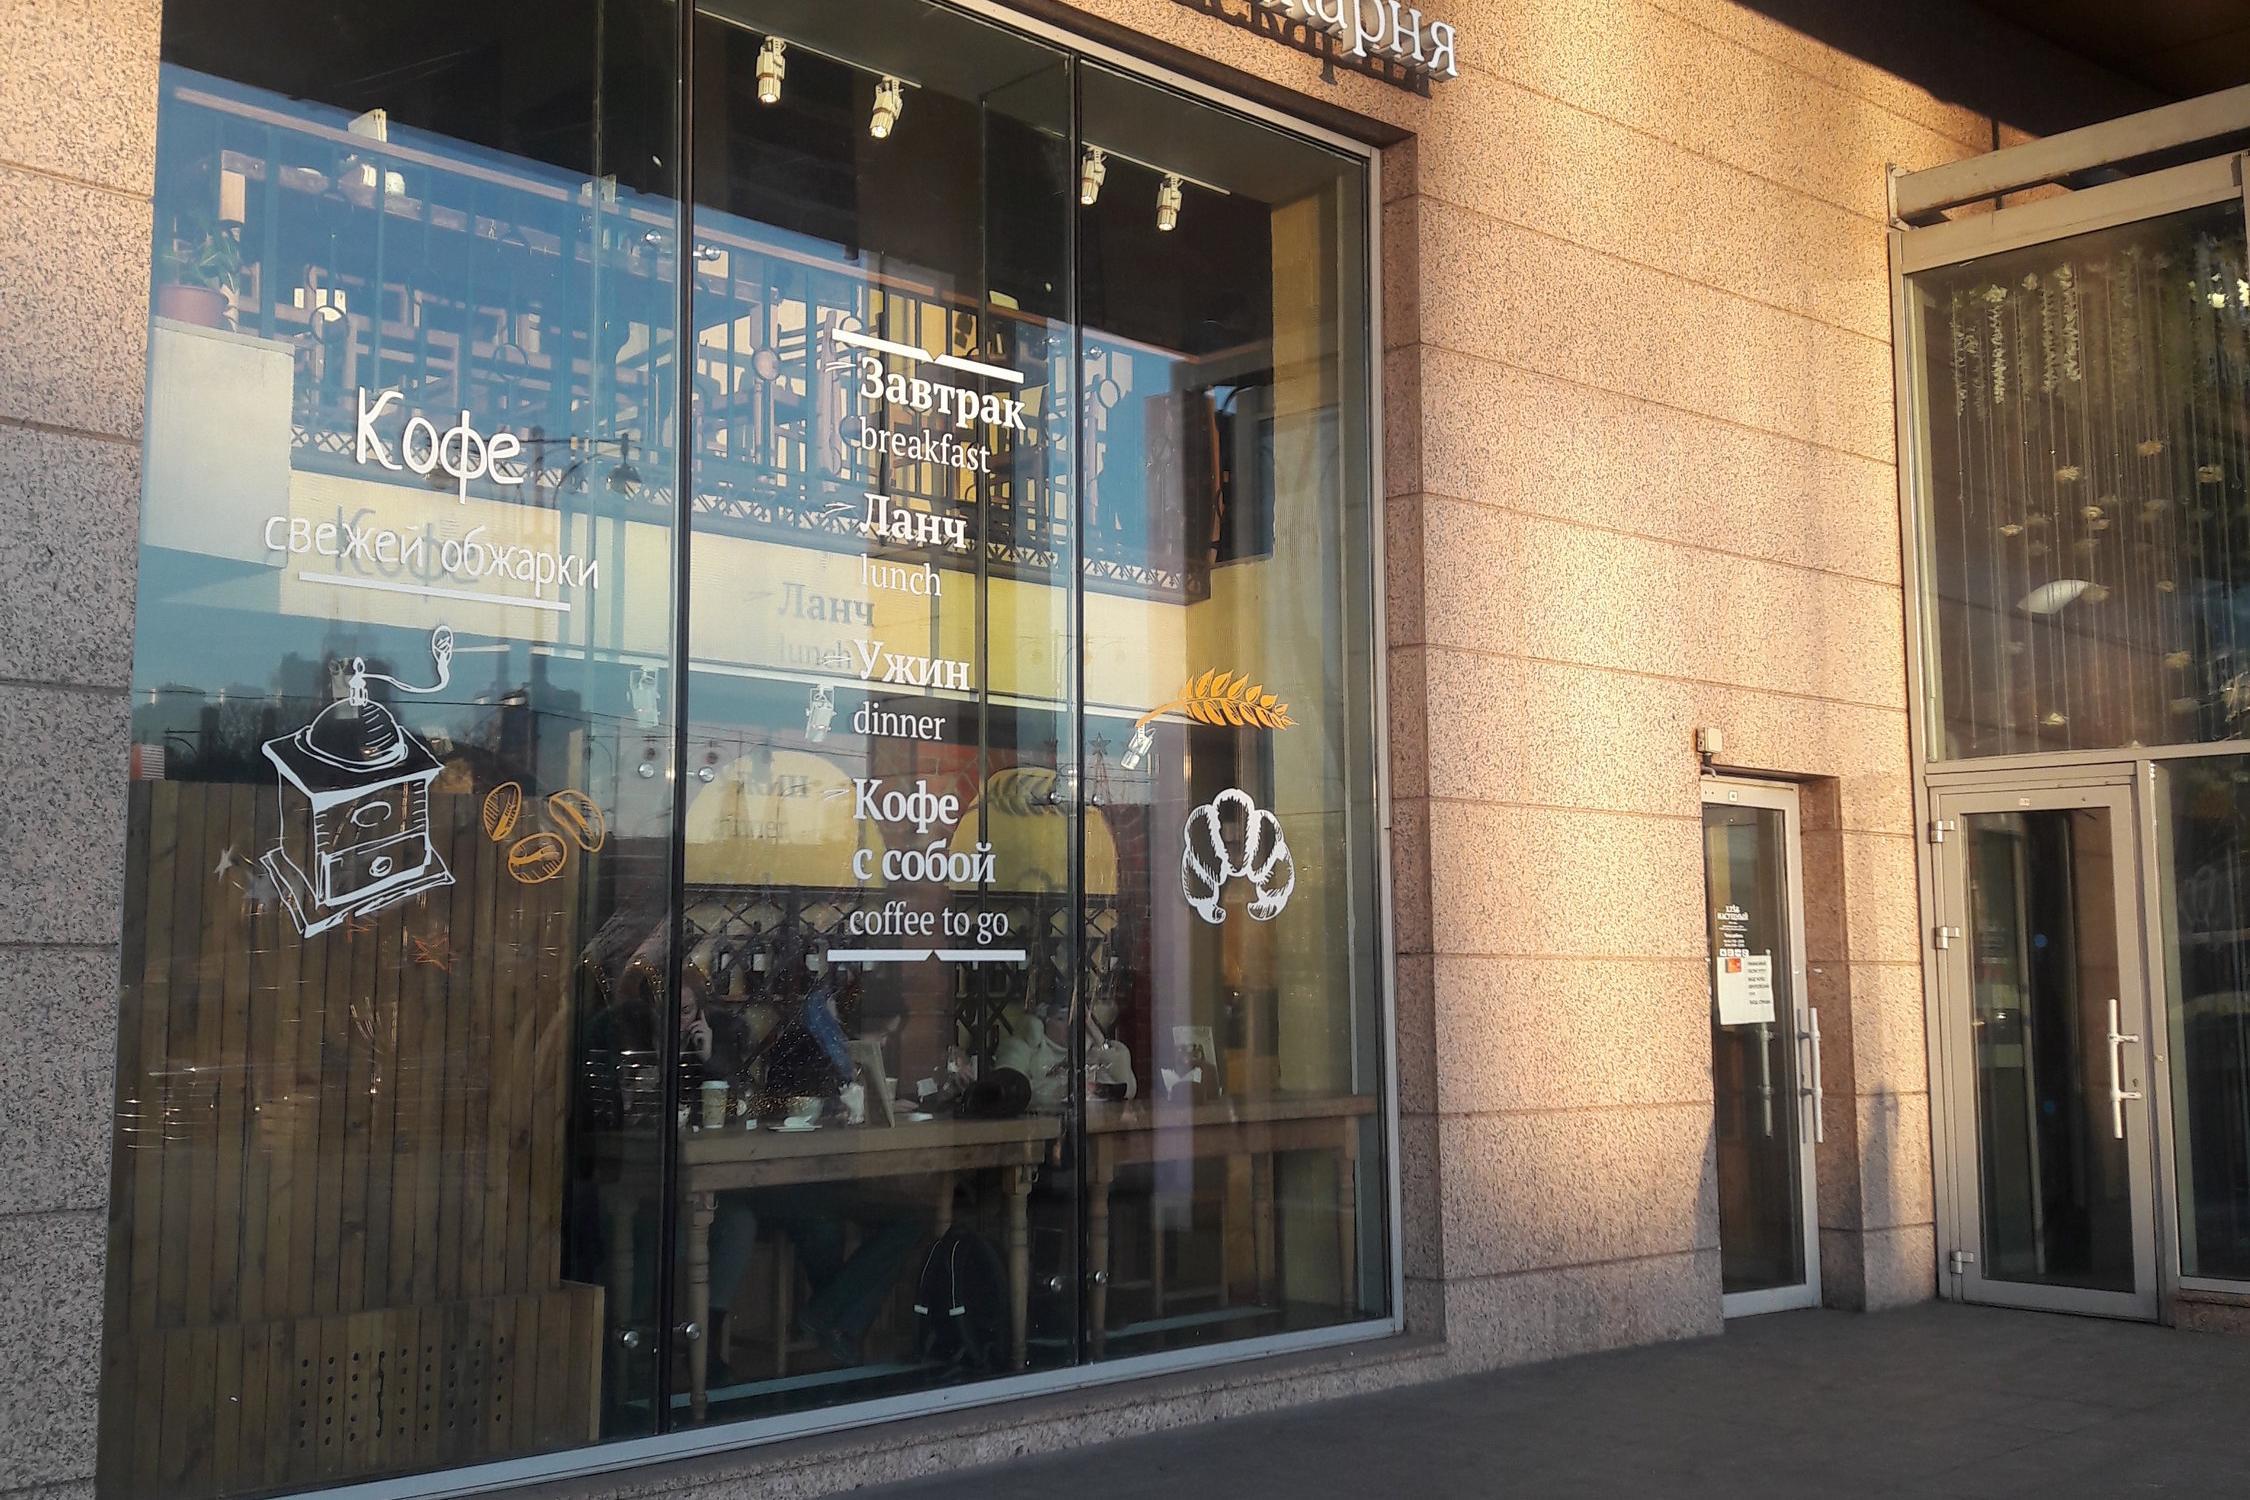 фотография Кафе-пекарни Хлеб Насущный в ТЦ Европейский